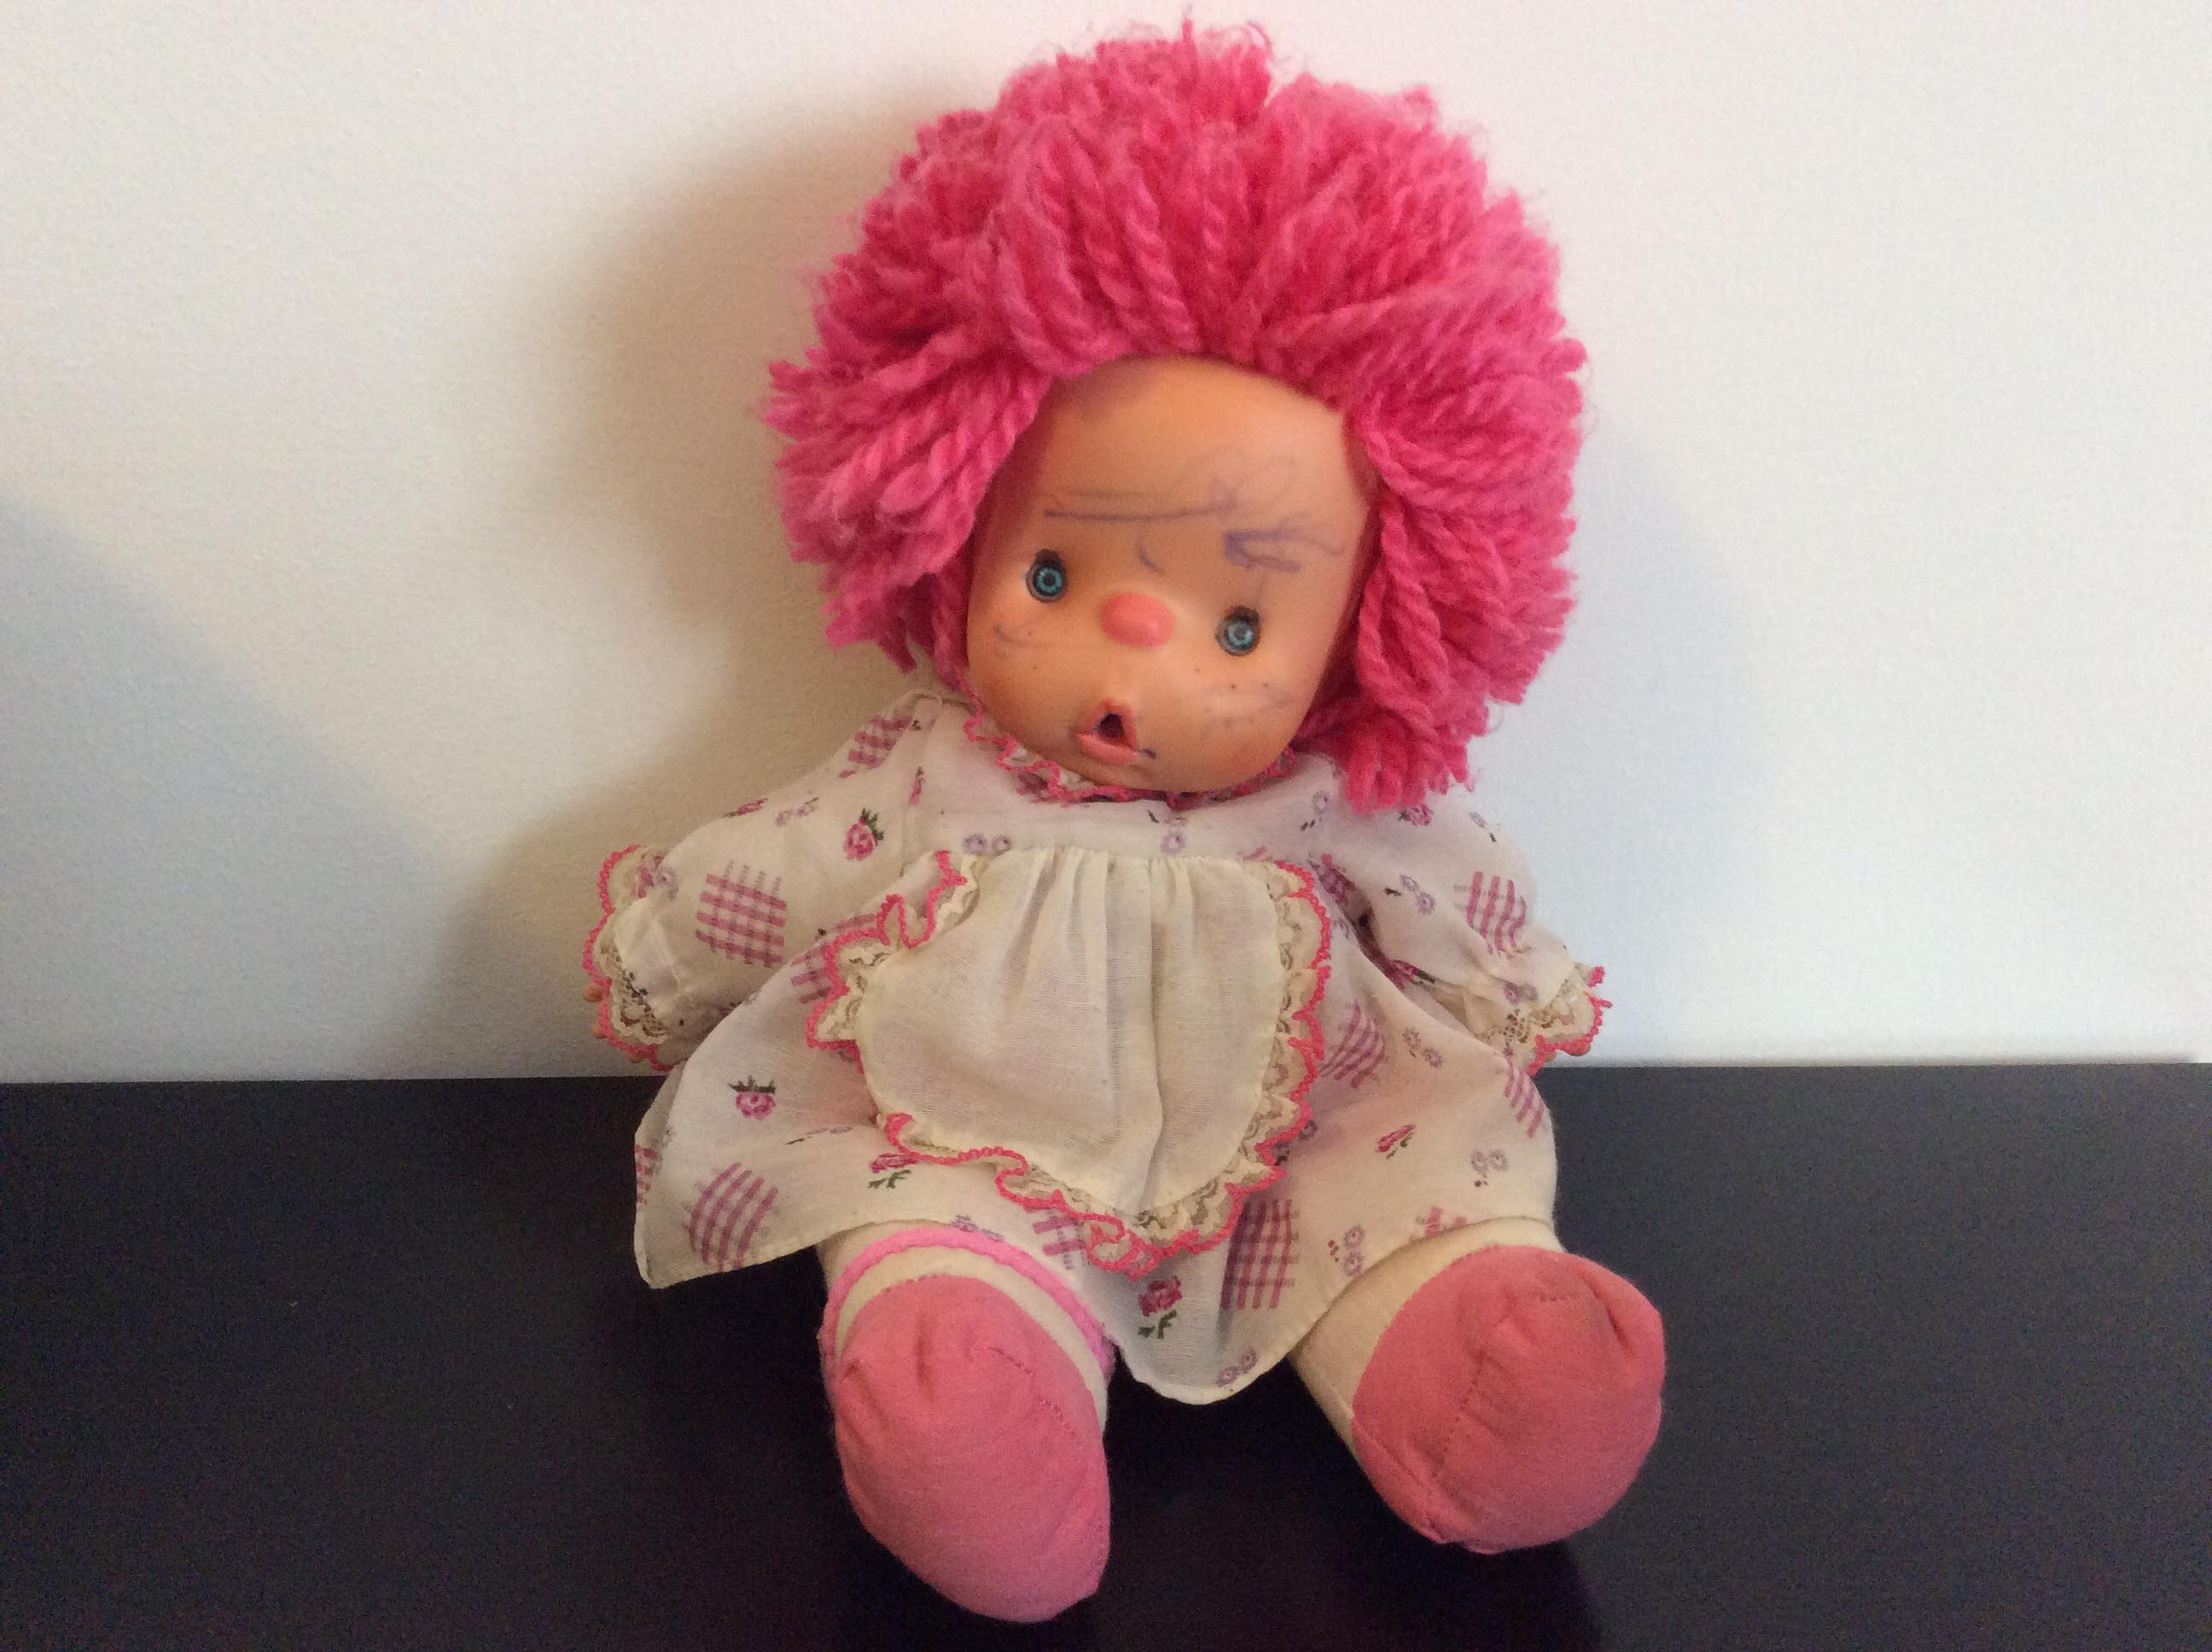 Come togliere le macchie di inchiostro da una bambola